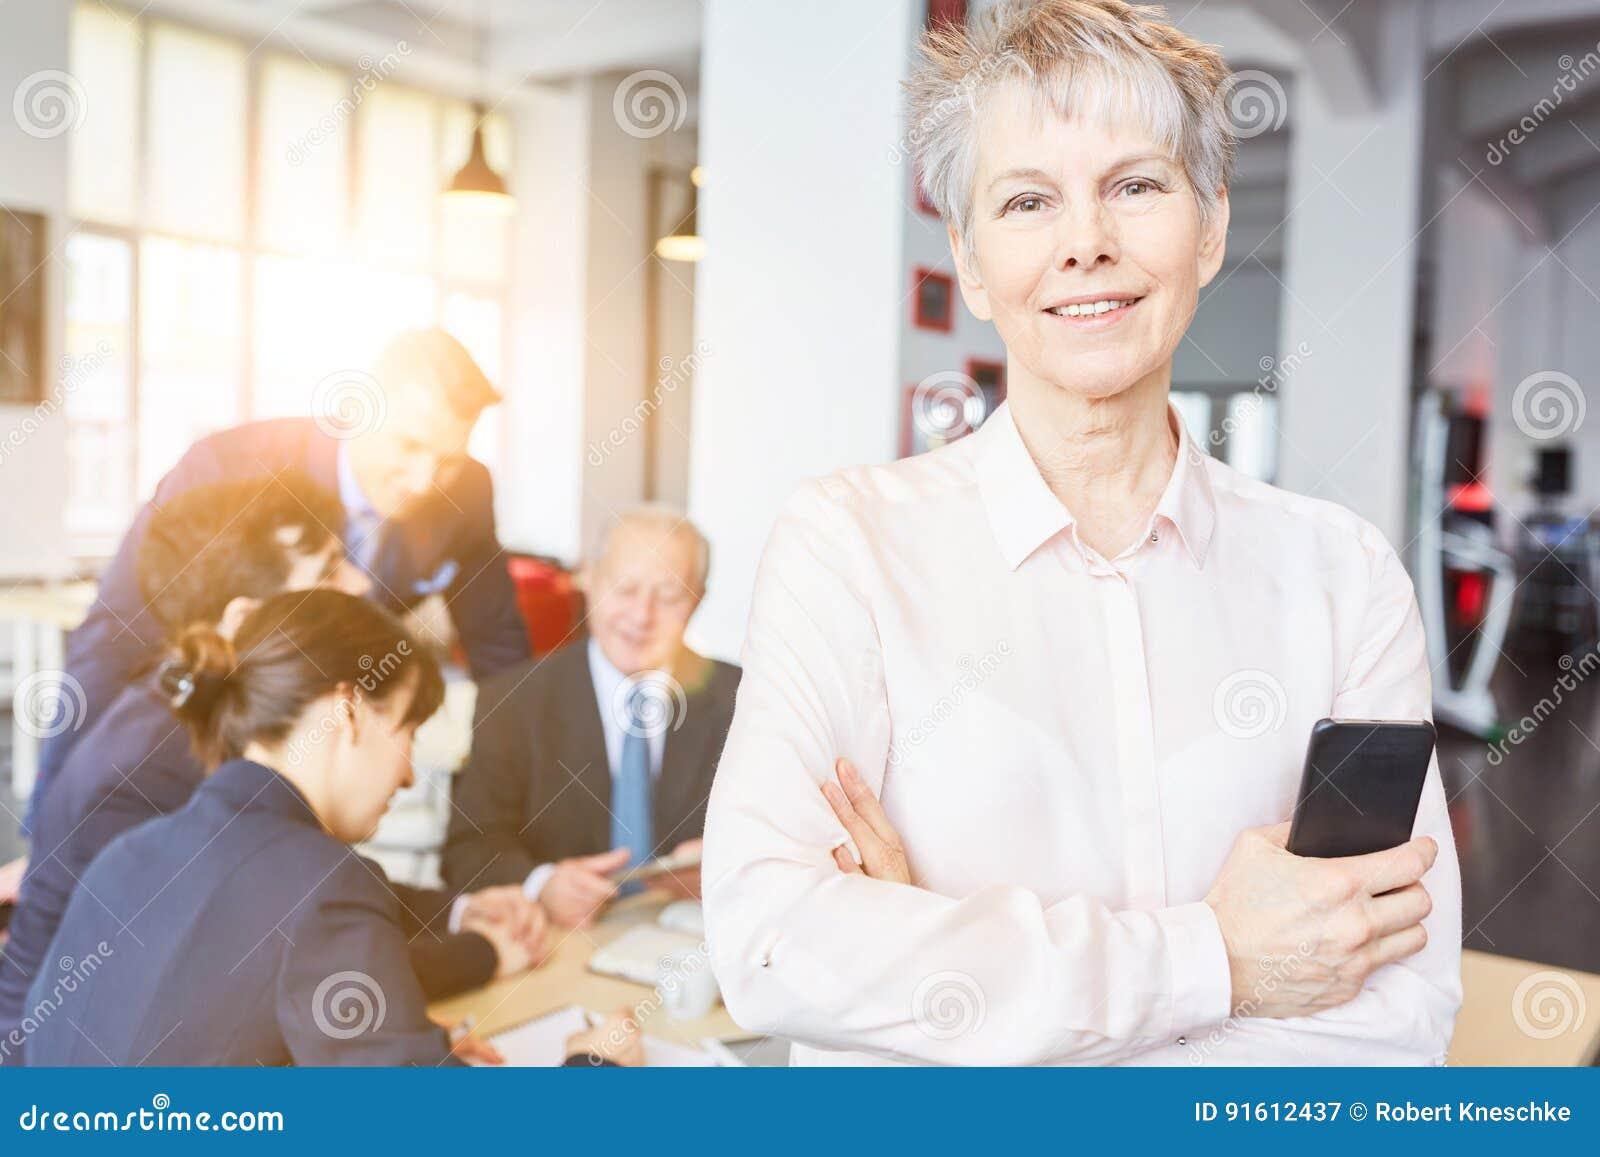 Ανώτερη γυναίκα ως επιχειρηματία